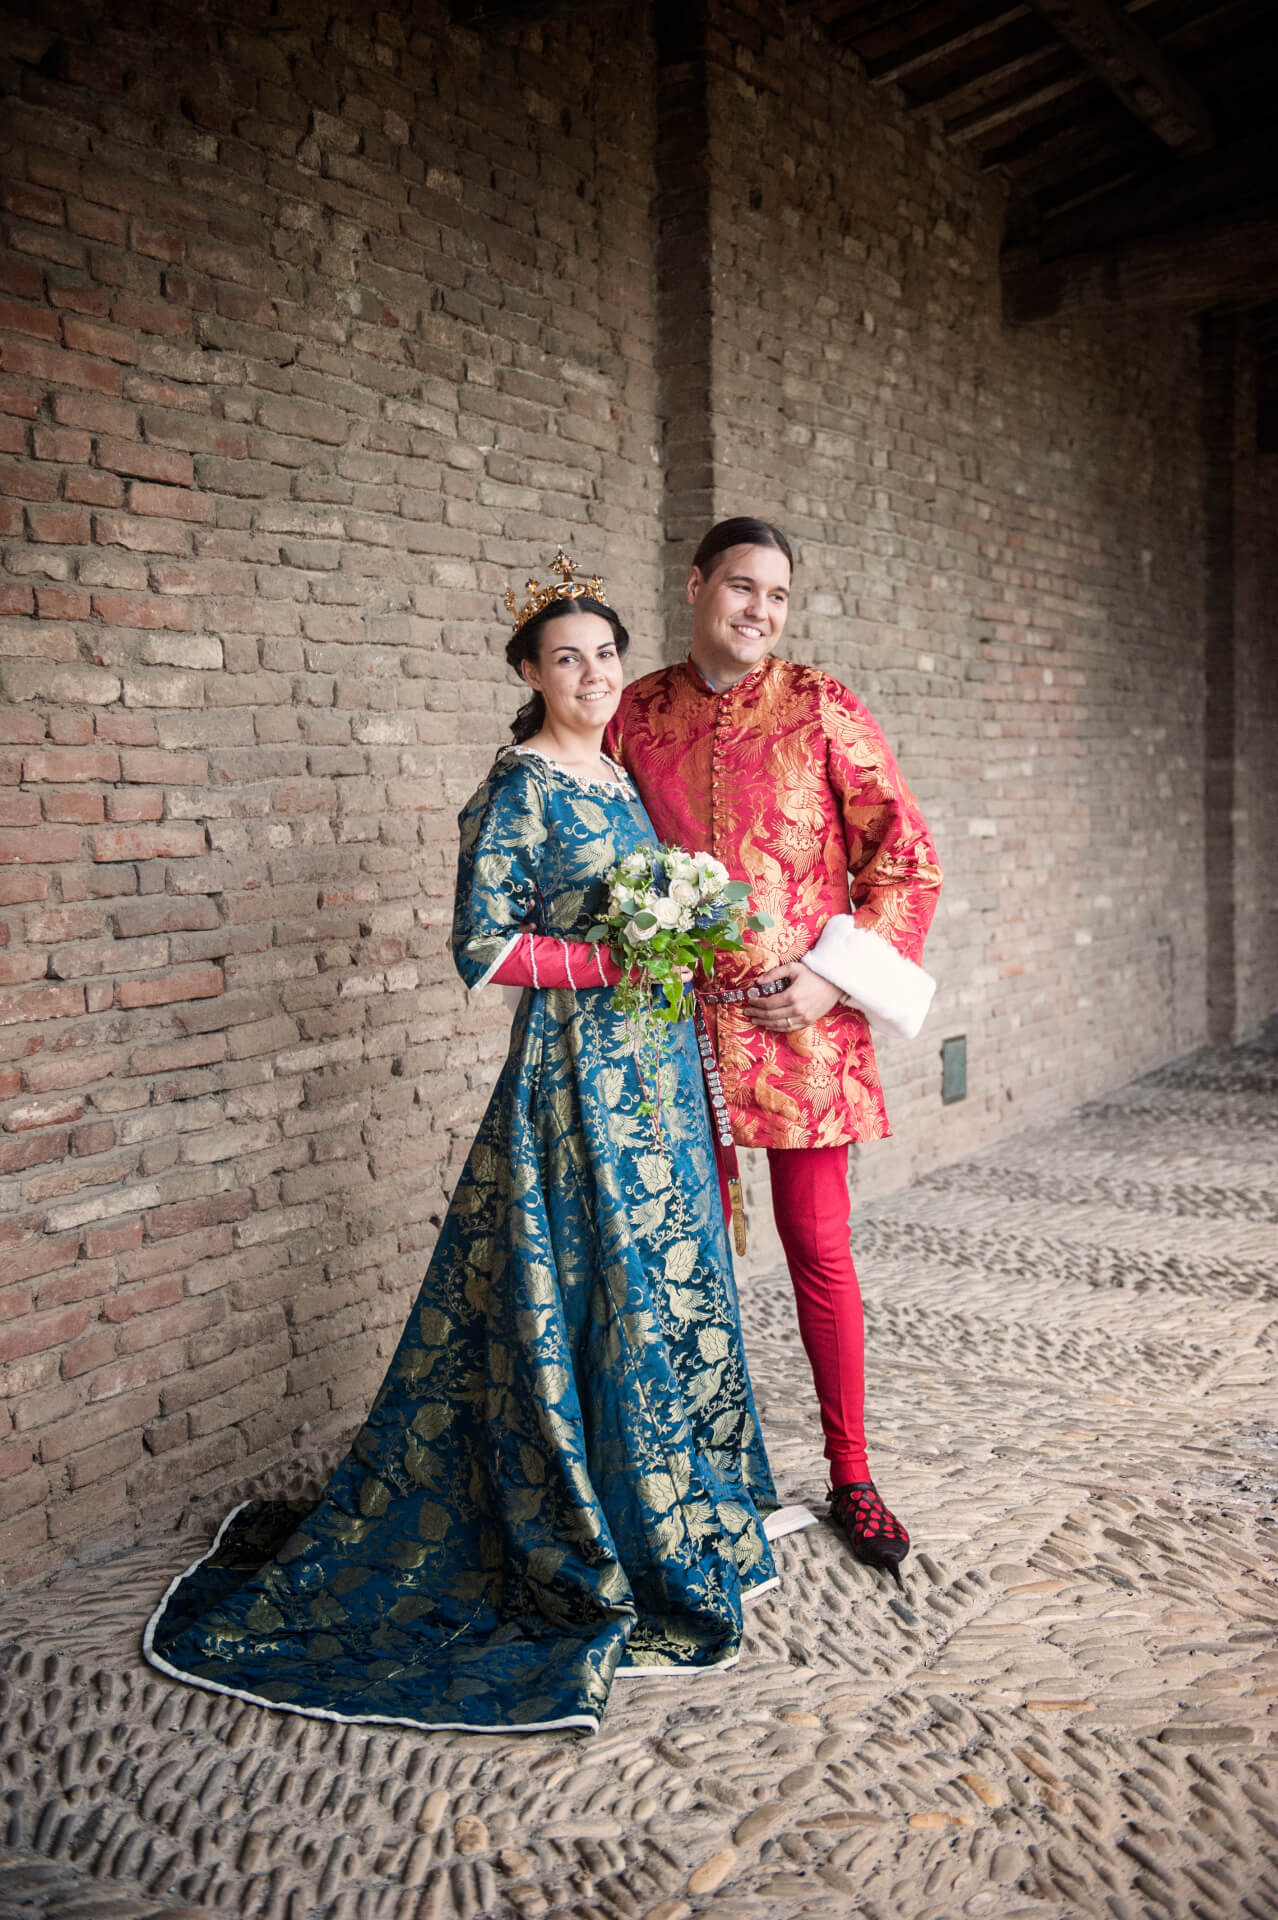 b925715452c6 Vår bröllopshistoria - Anna och Francescos medeltidsbröllop - Wedding  Stories : Wedding Stories